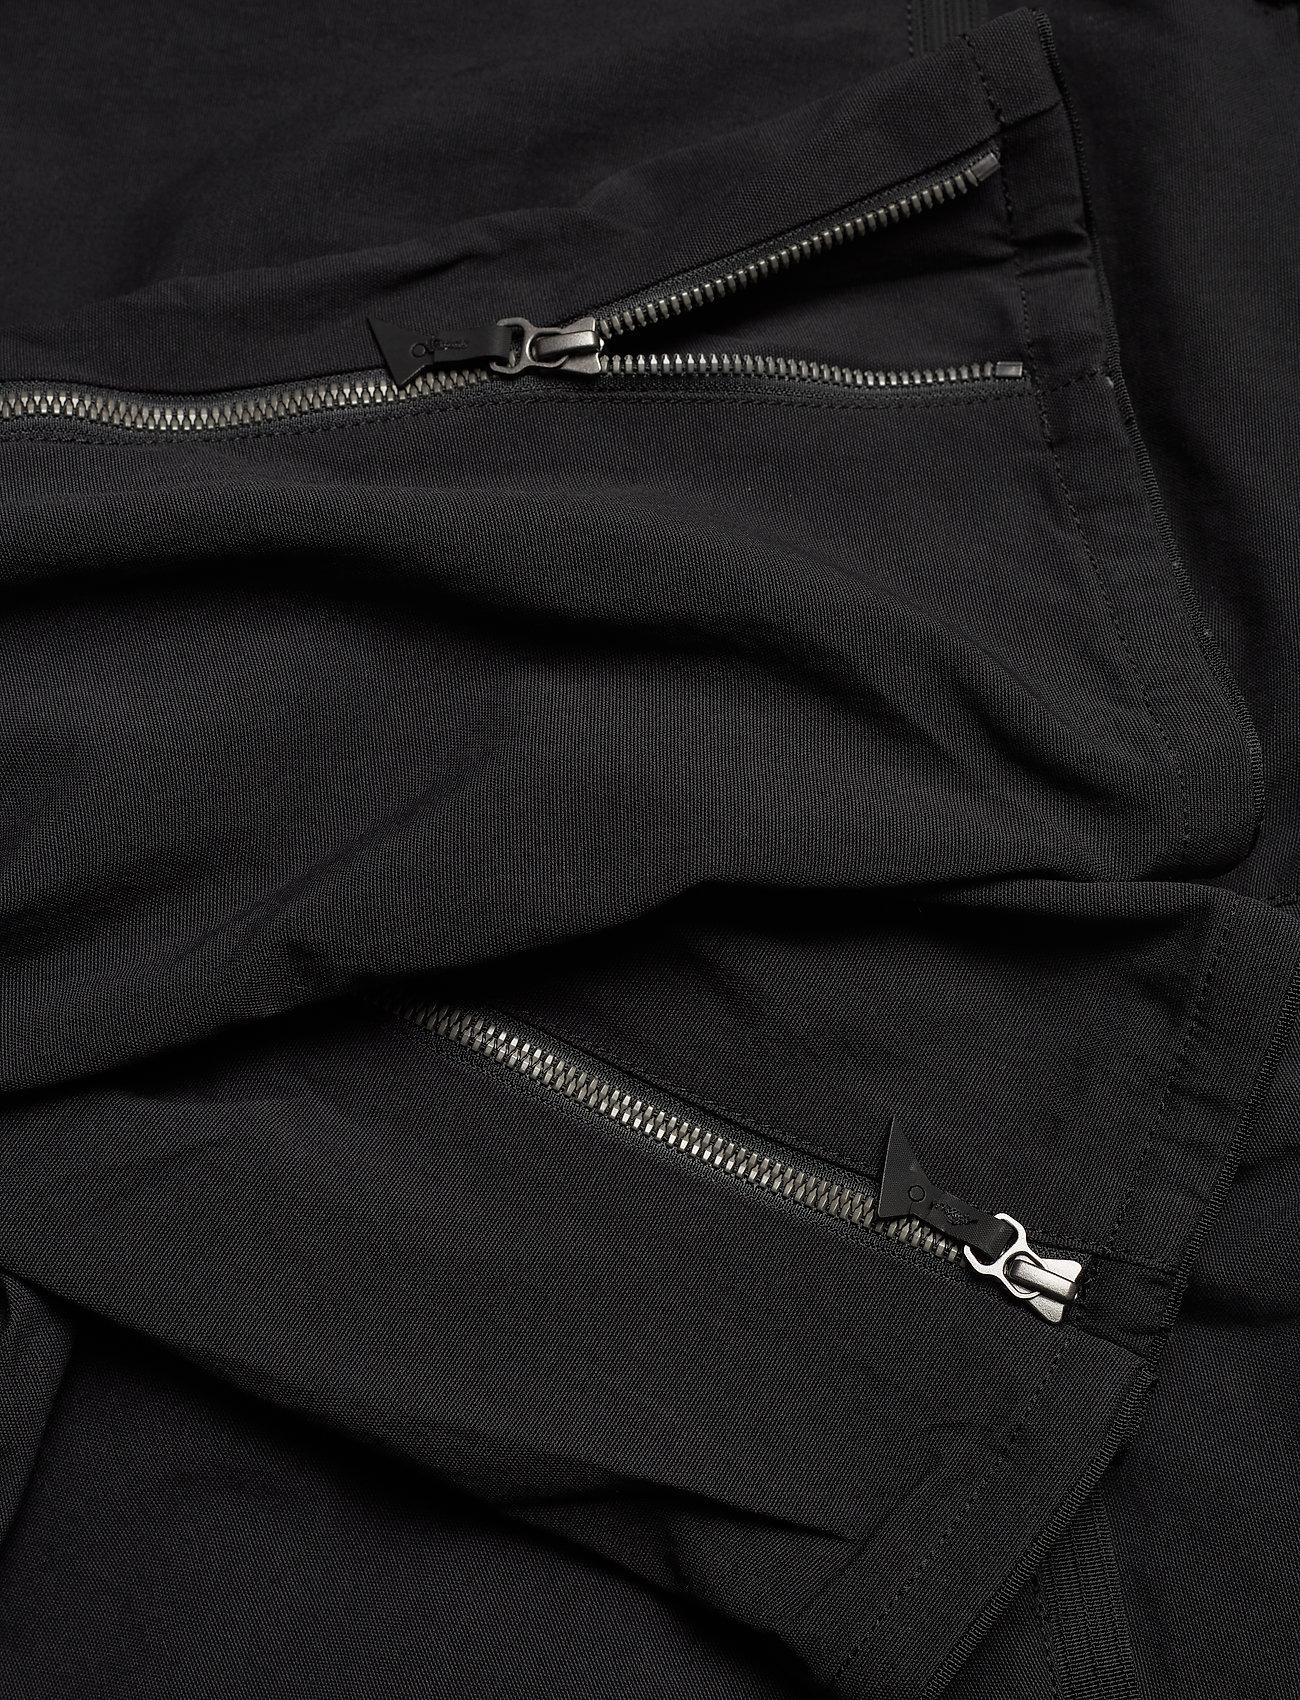 Klättermusen Dvalin Pants M's - Bukser BLACK - Menn Klær